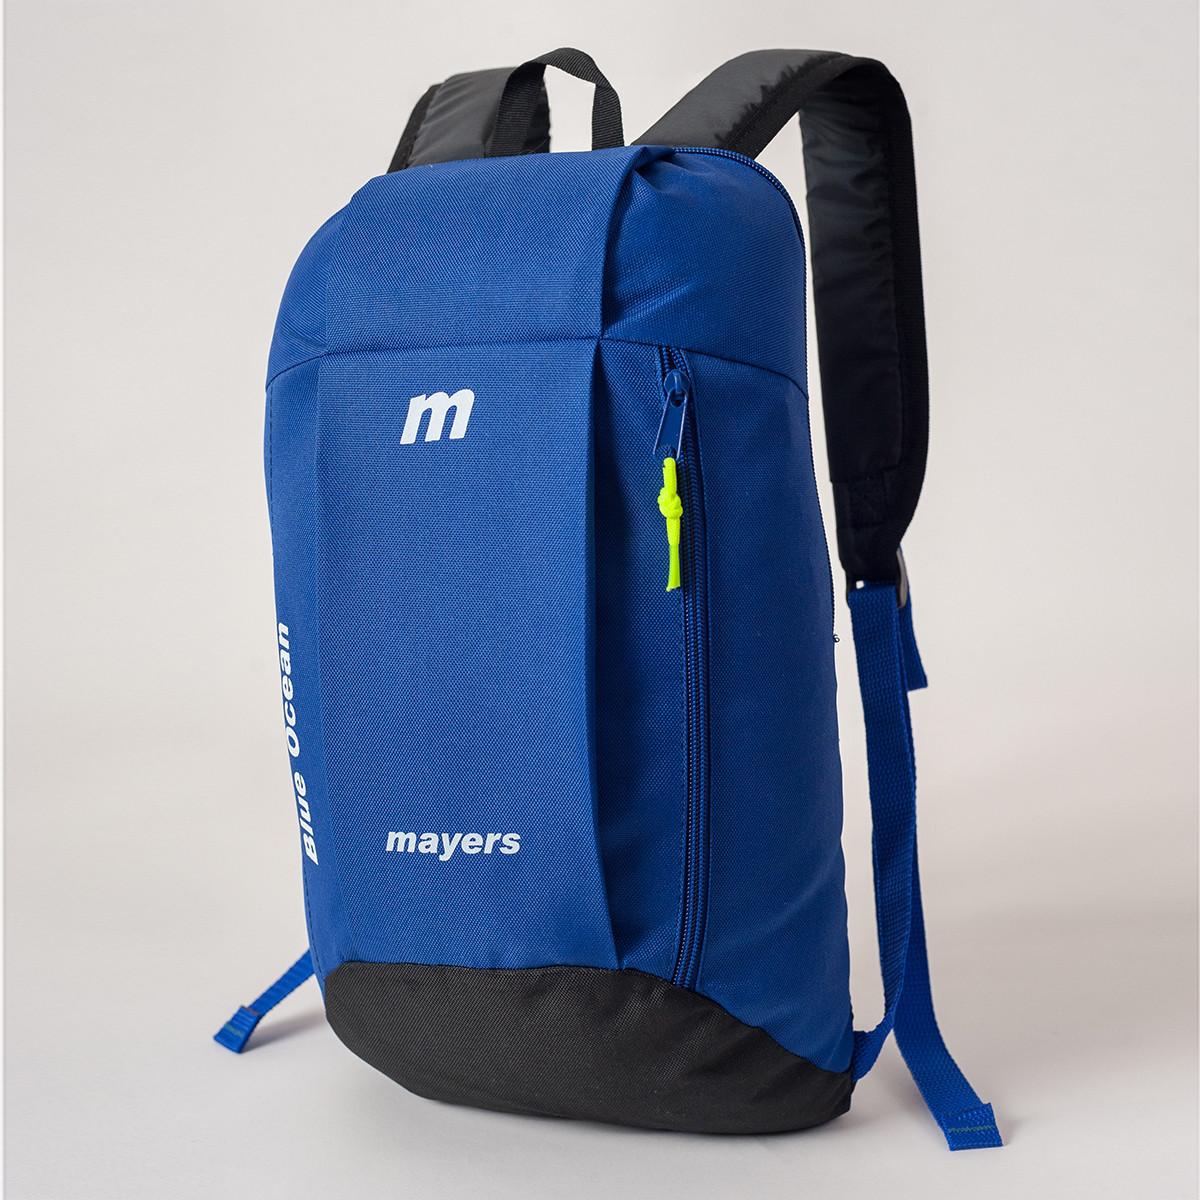 Спортивный детский городской рюкзак унисекс MAYERS 10L, синий